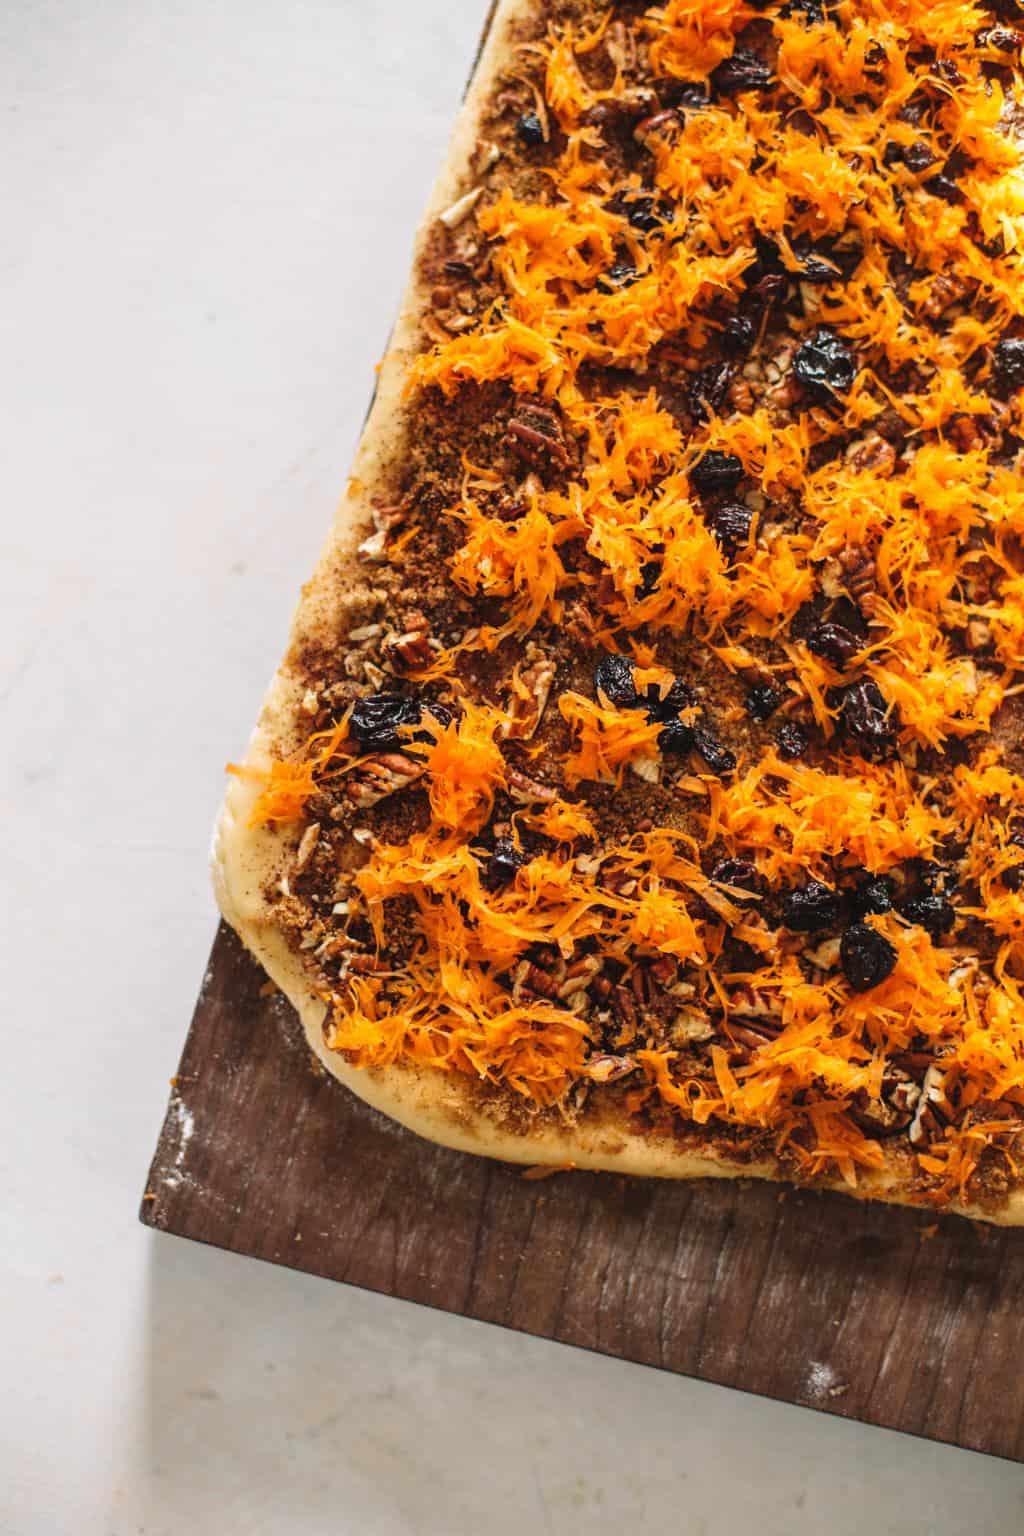 shredded carrot filling over dough